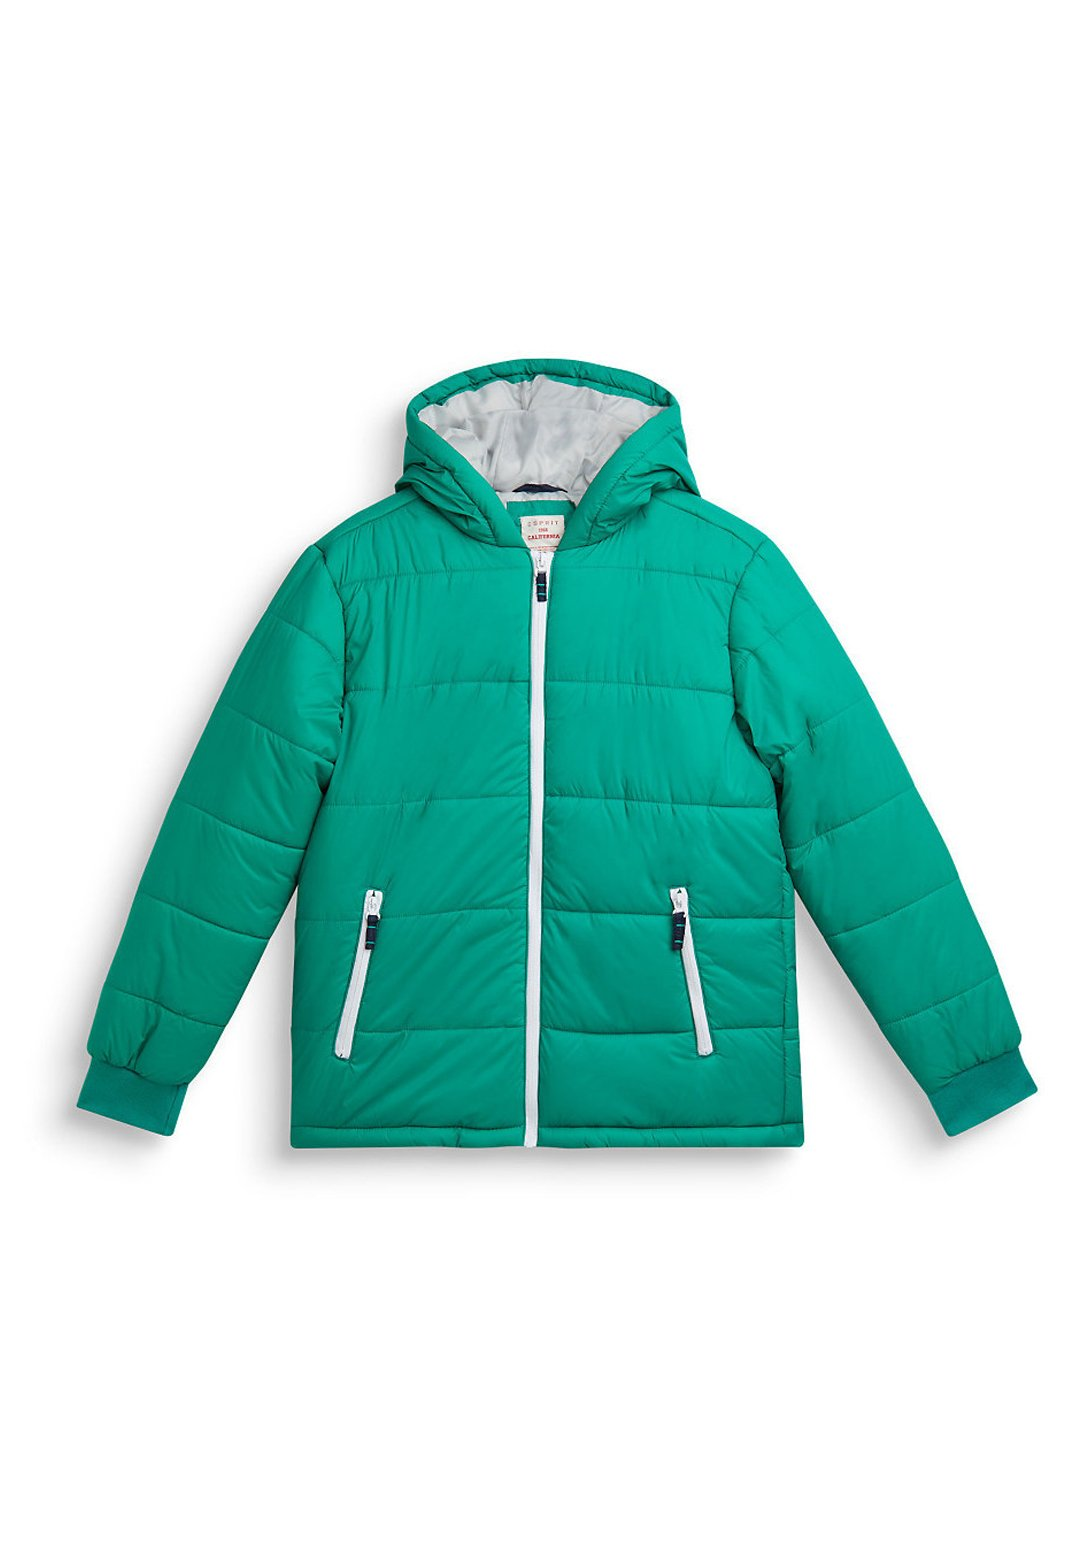 Köp Jackor från Esprit billigt online | ShopAlike.se